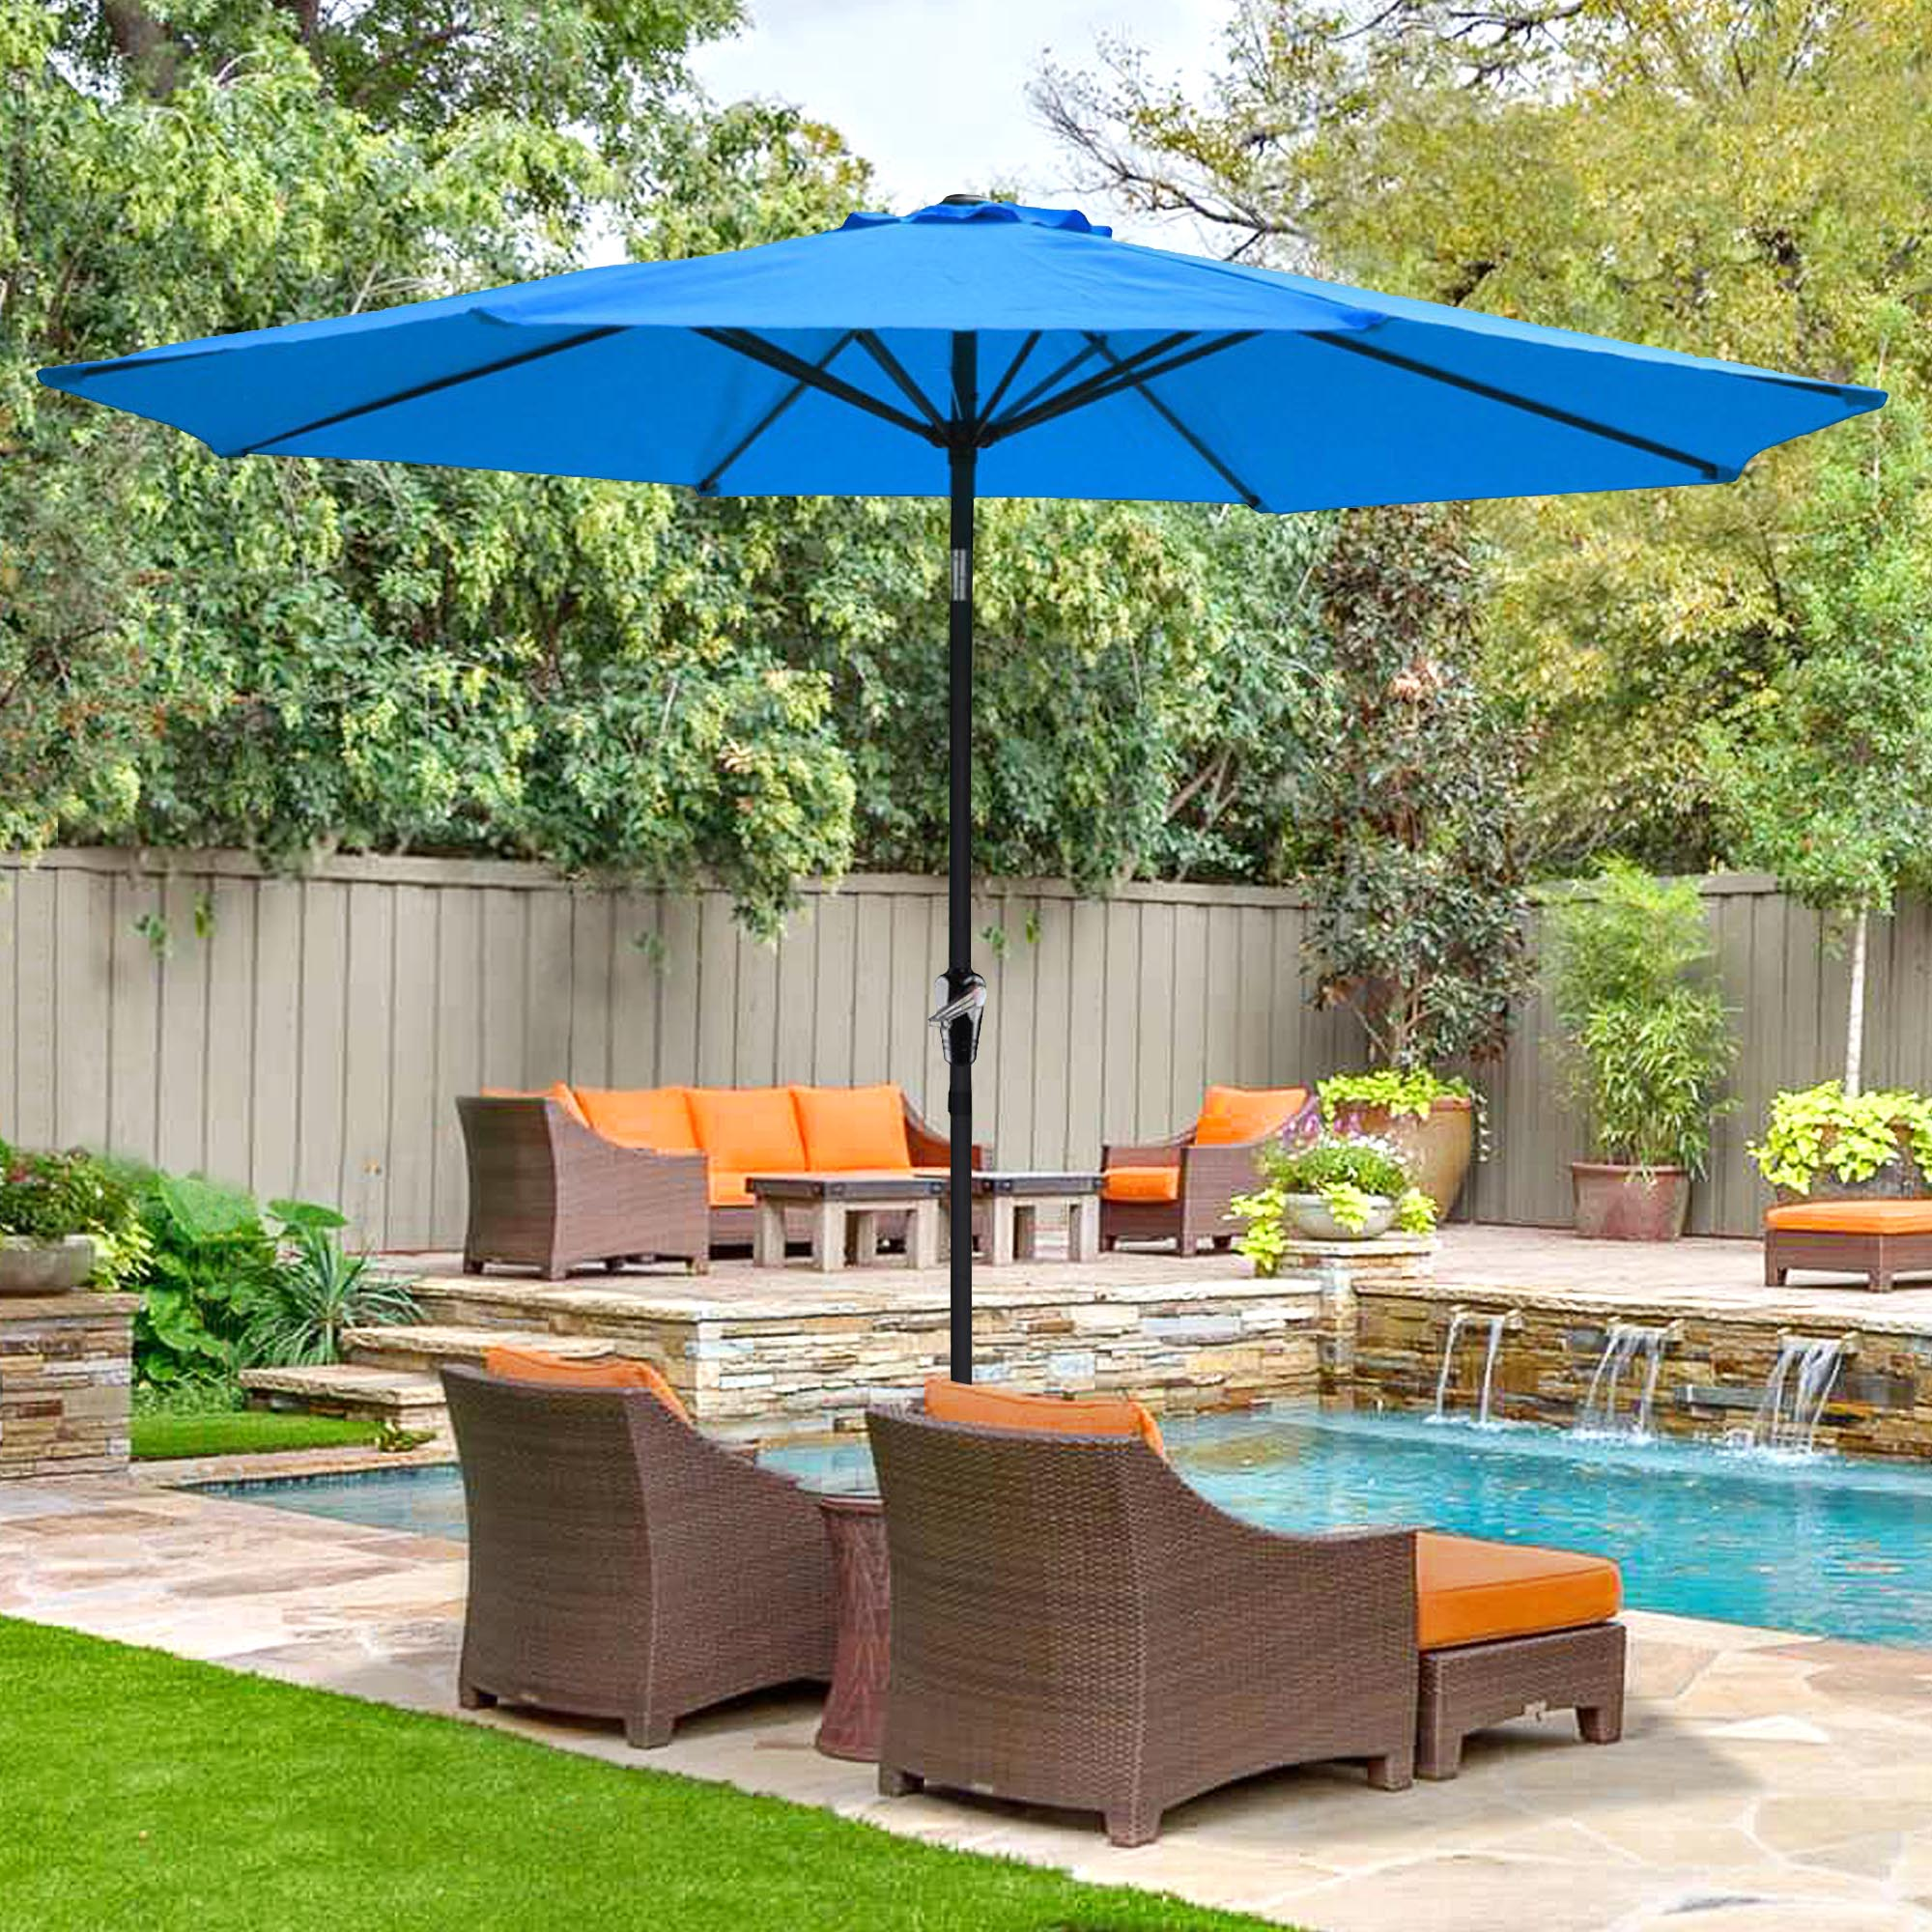 thumbnail 45 - 9' Outdoor Umbrella Patio 8 Ribs Market Garden Crank Tilt Beach Sunshade Parasol